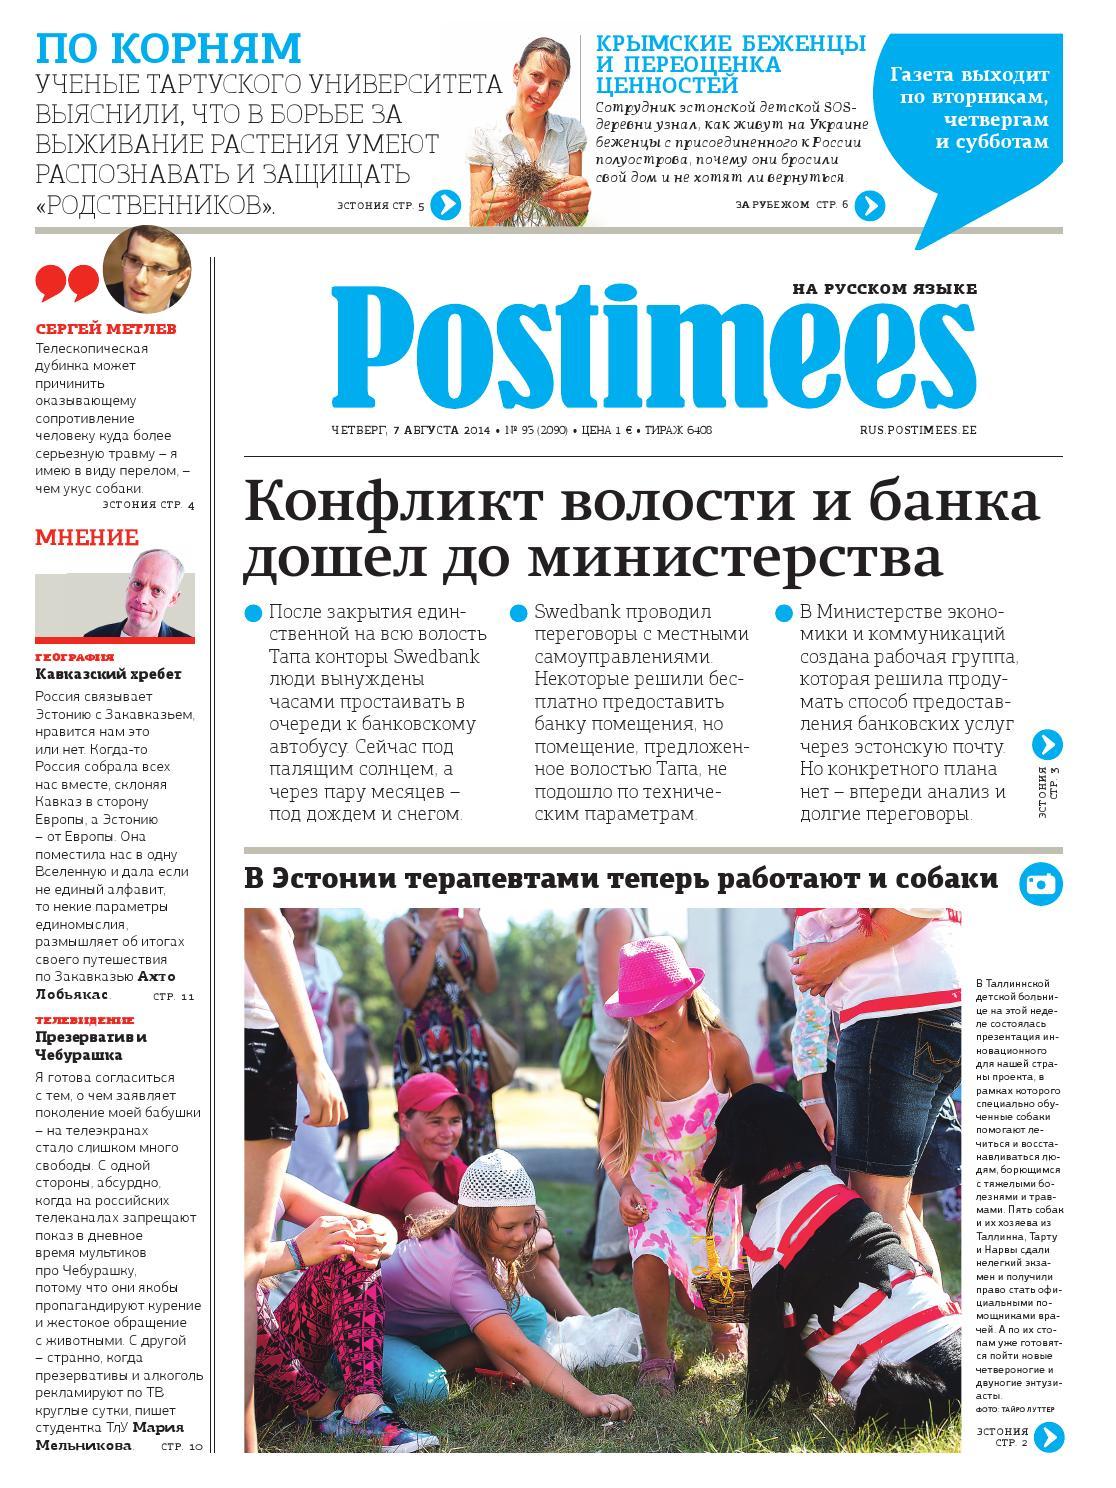 9188c076579 Газета postimees 07 08 2014 by Postimees - issuu